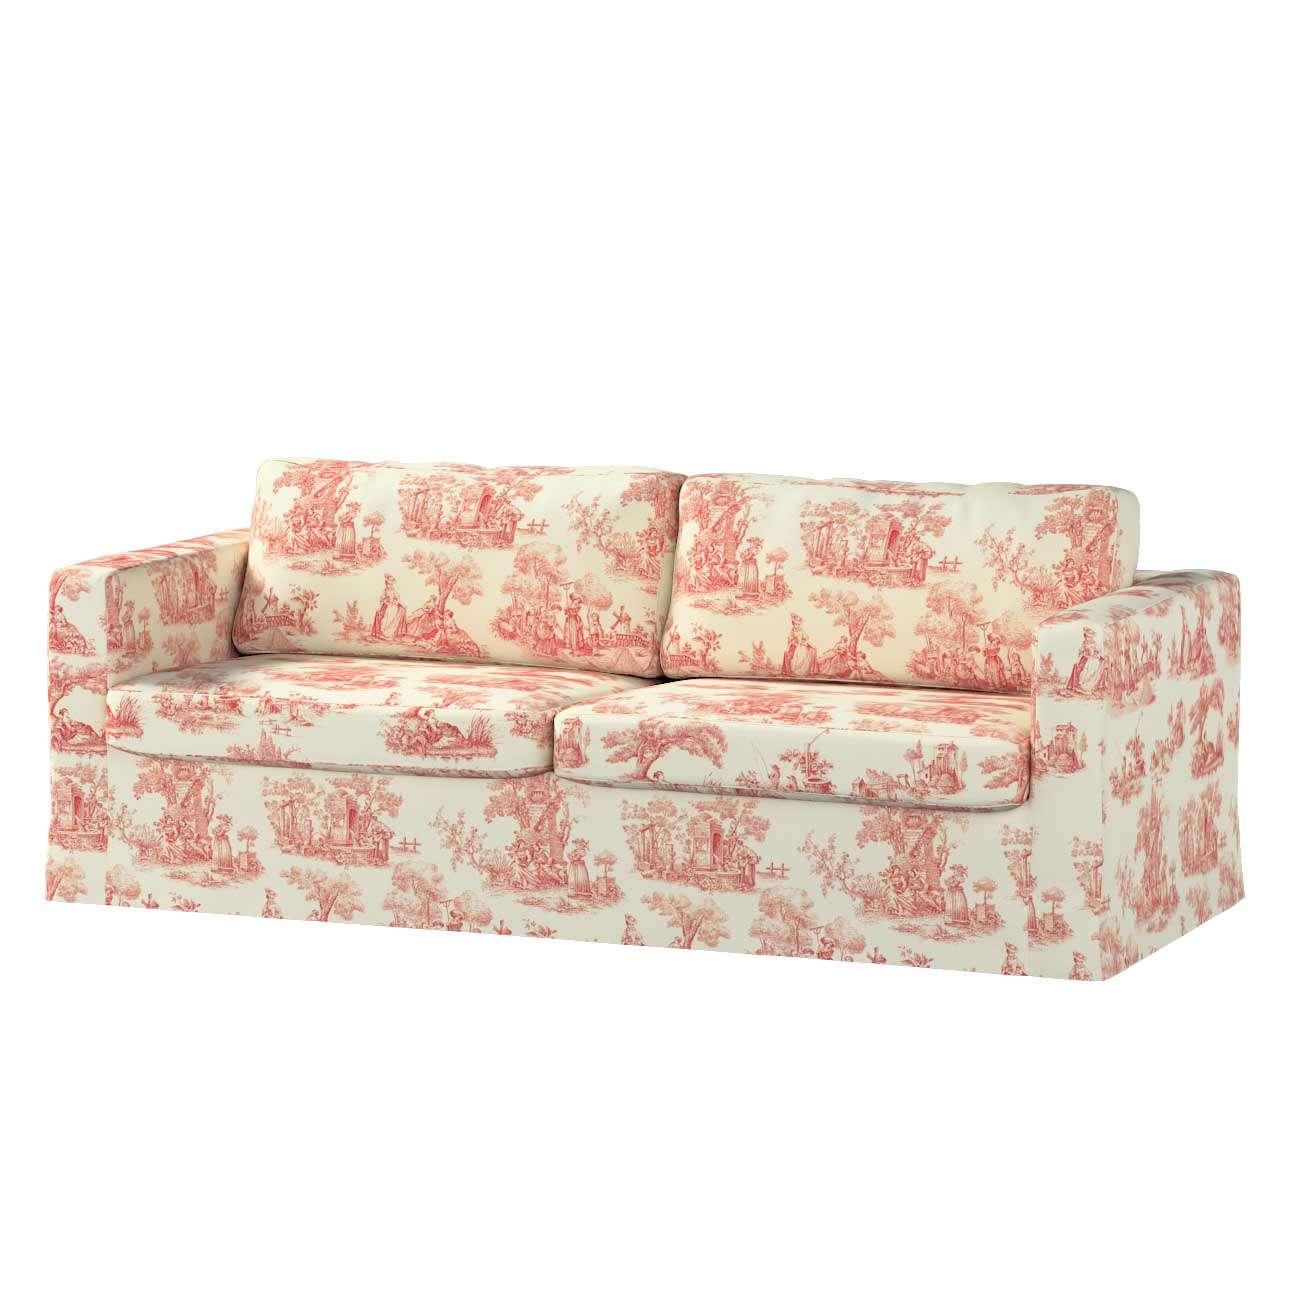 Karlstad 3-Sitzer Sofabezug nicht ausklappbar lang Sofahusse, Karlstad 3-Sitzer von der Kollektion Avinon, Stoff: 132-15